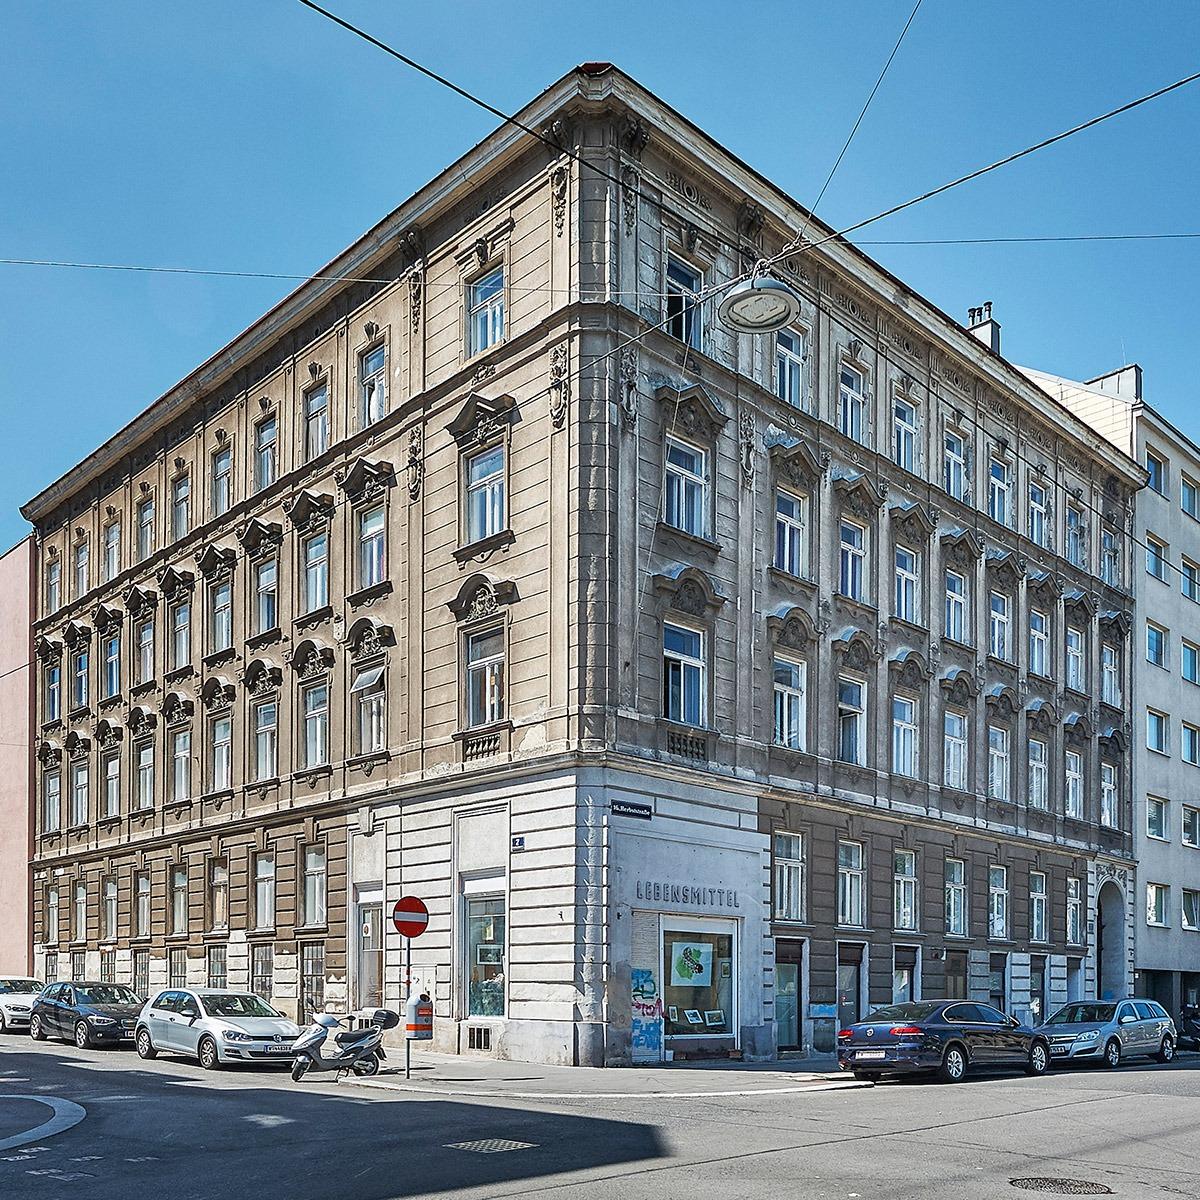 2019 1160 Herbststraße